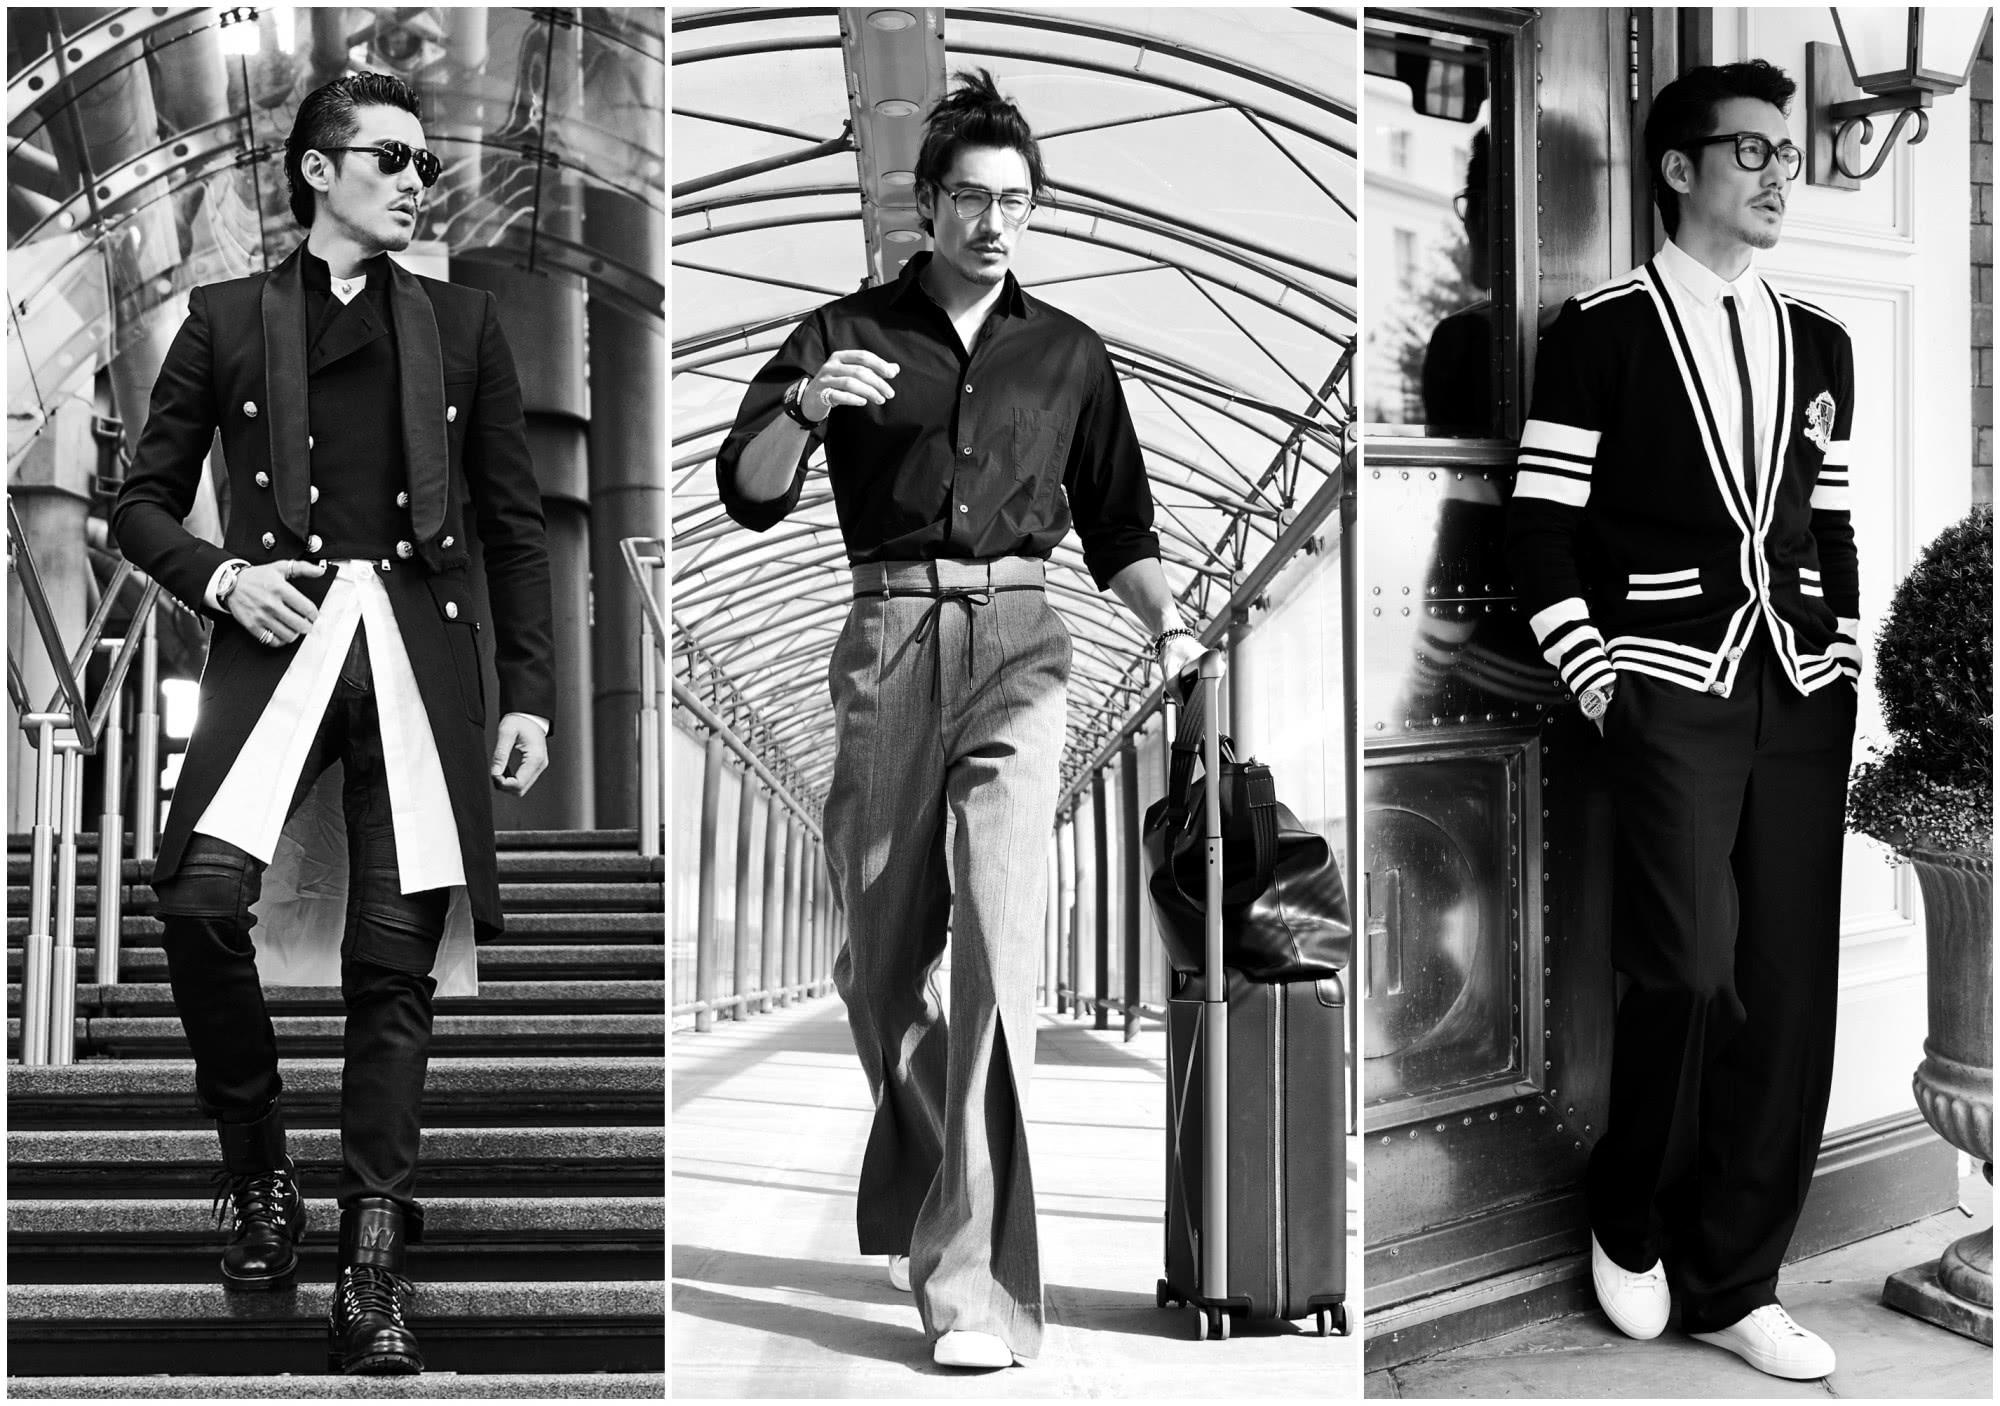 胡兵第十次出征伦敦,英伦大衣演绎绅士男神范,不愧是行走的衣架